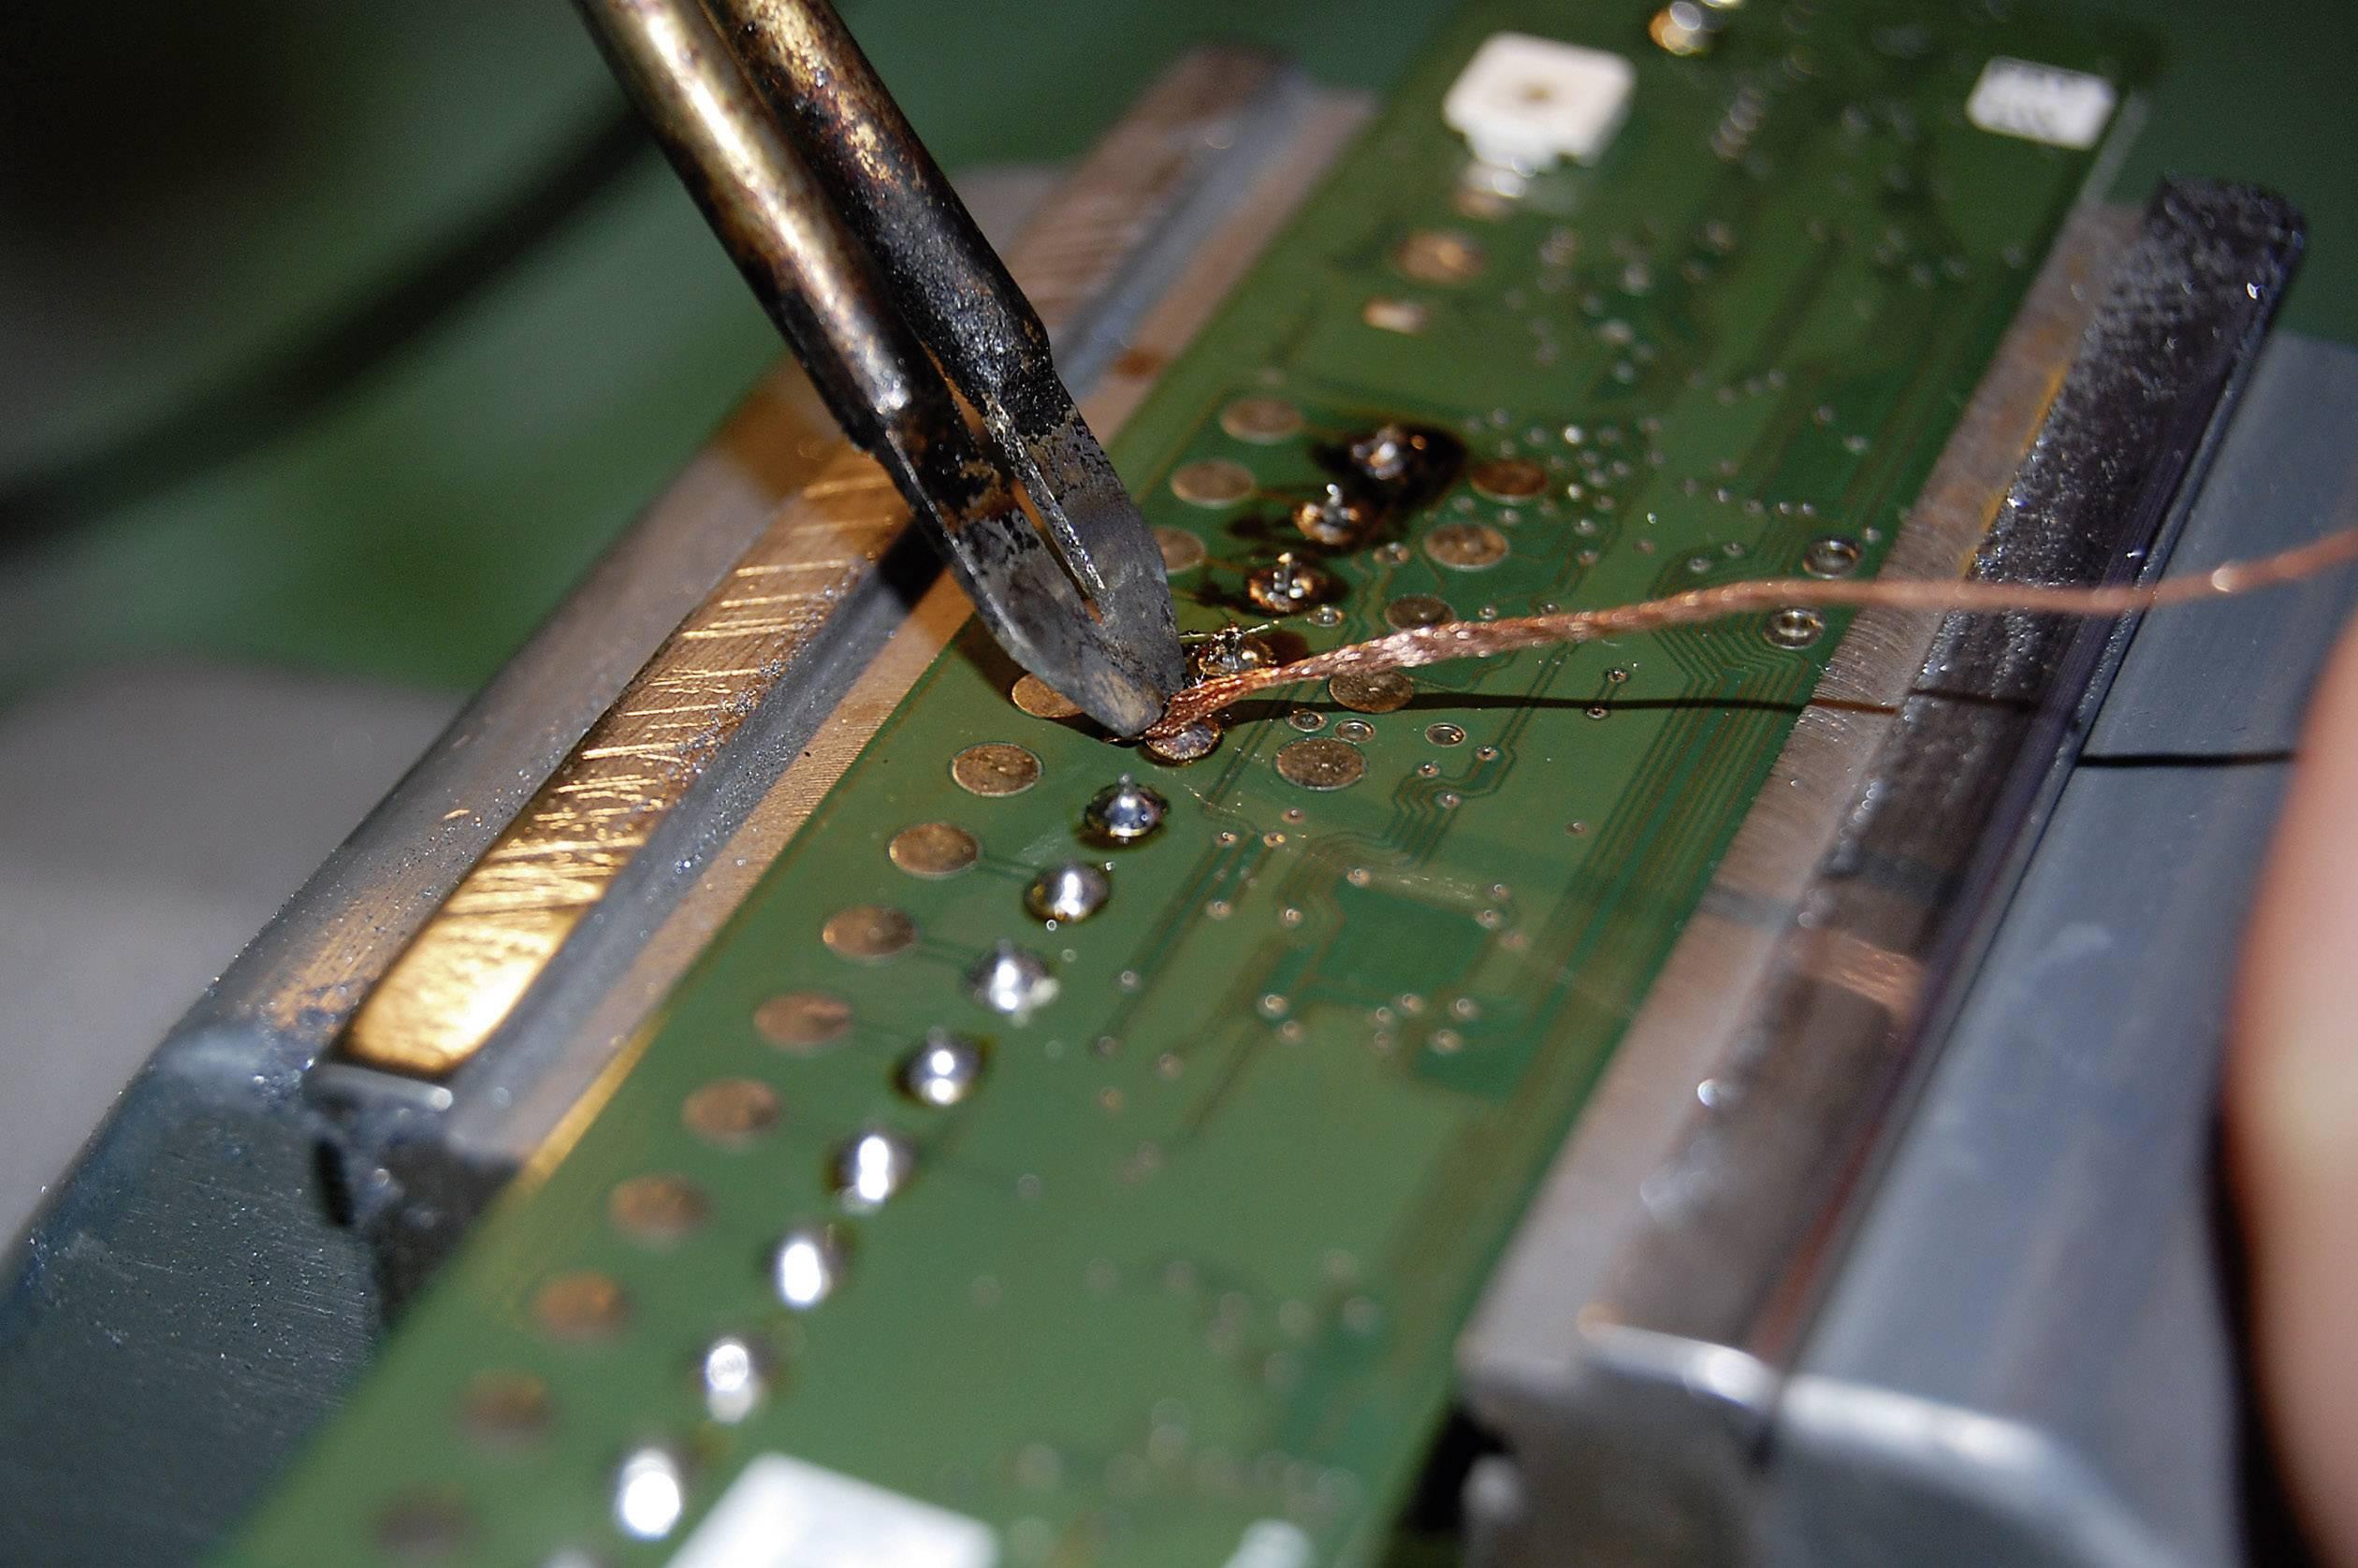 Odspájkovacie savé lanko CRC Kontakt Chémia, dĺžka 1.5 m, šírka 2.5 mm